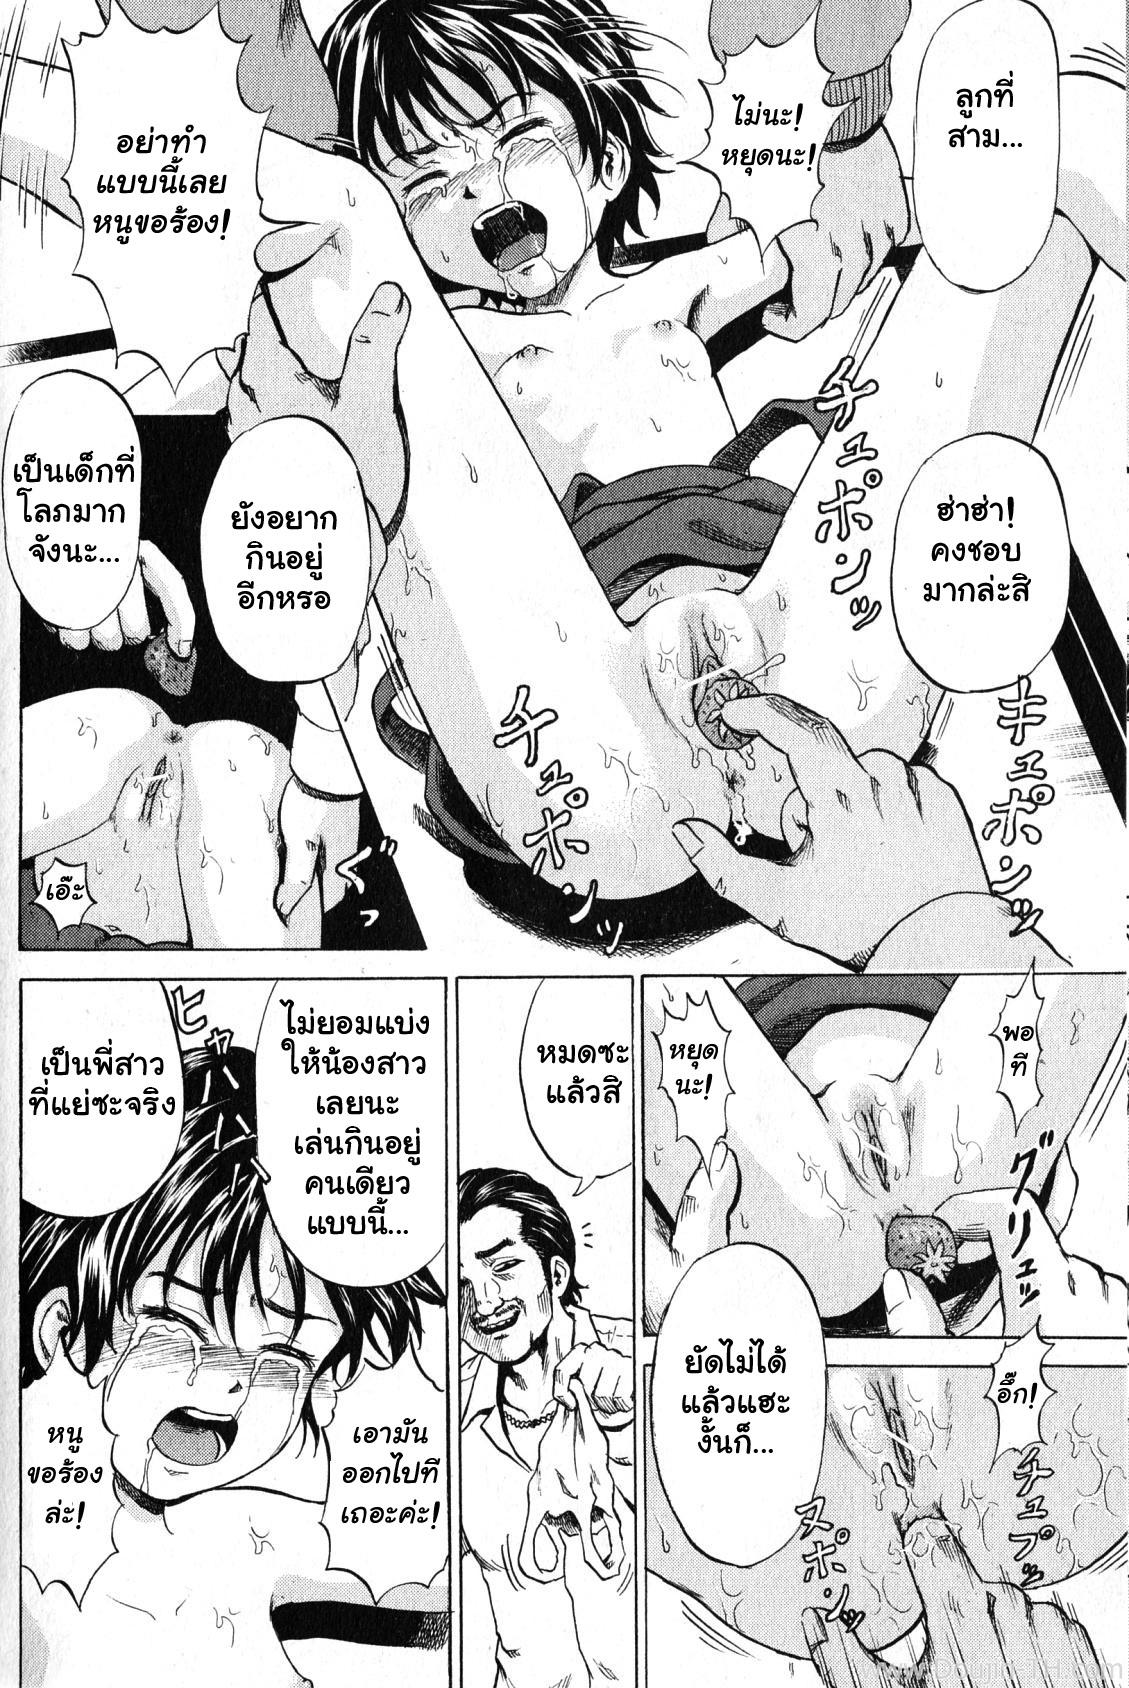 สตอเบอร์รี่แสนเศร้า [ปวดตับ] - หน้า 16